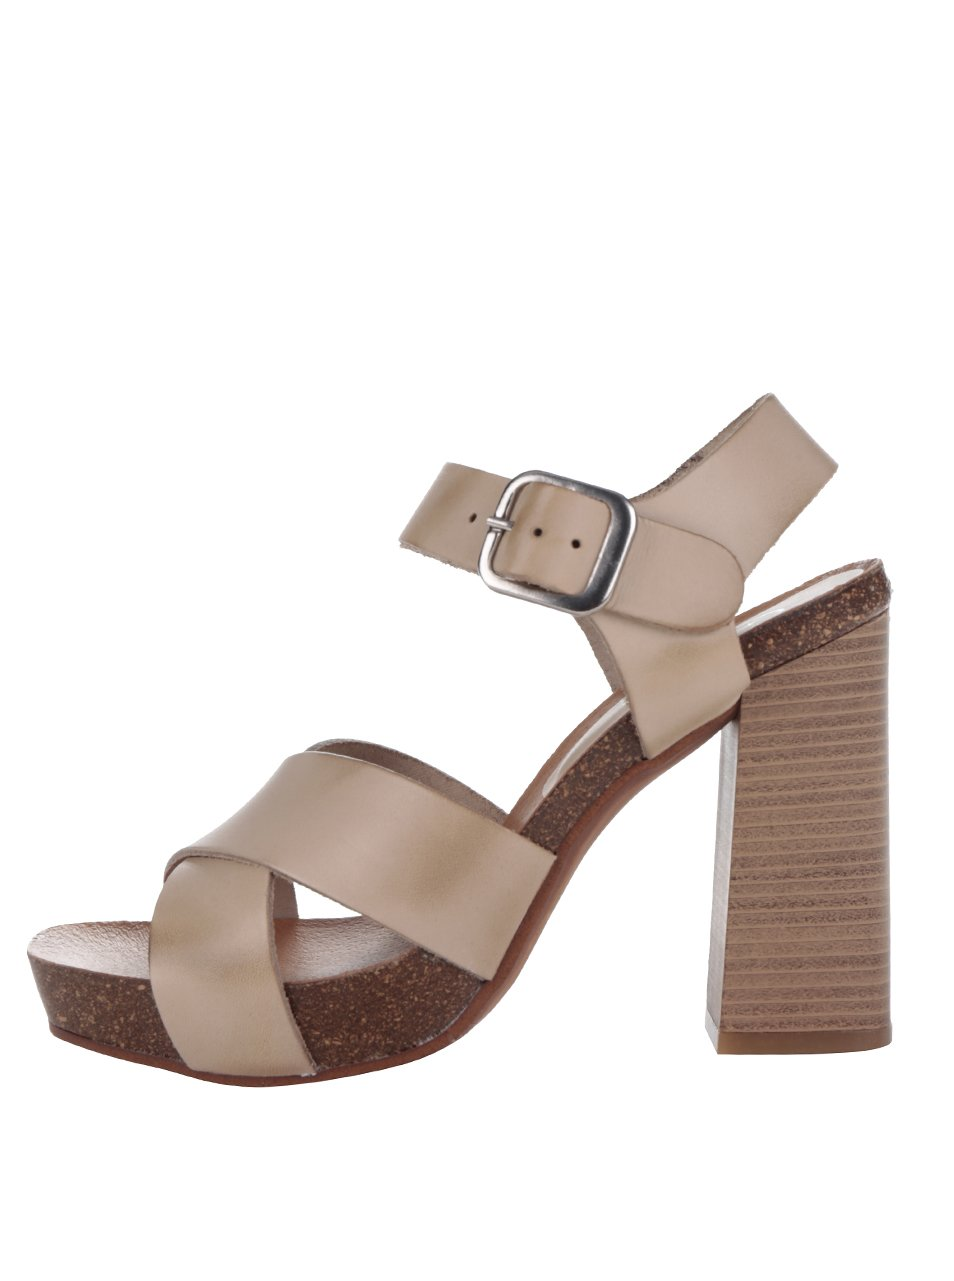 Béžové kožené sandálky na vysokém podpatku OJJU